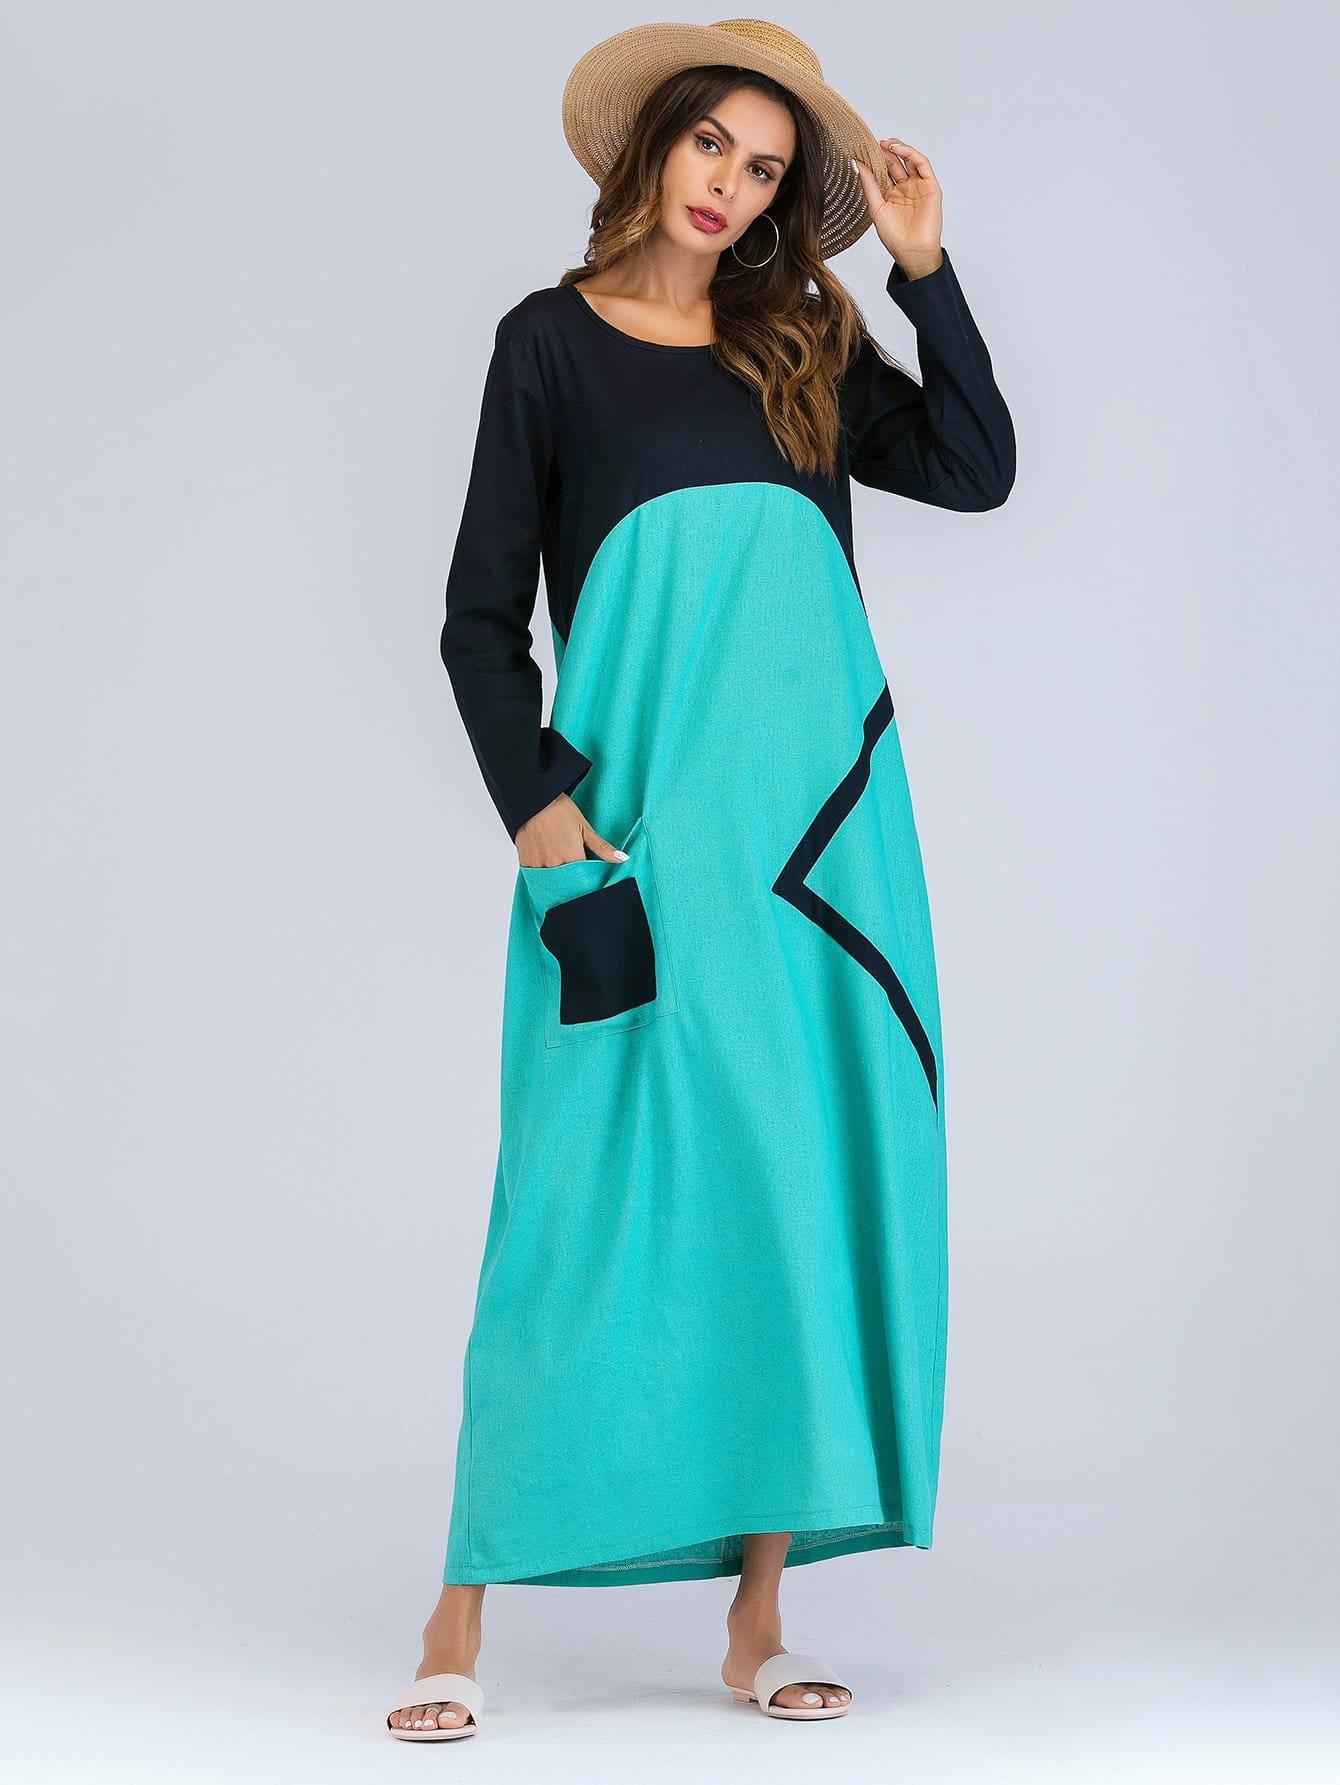 Купить Длинное платье из нескольких цветов и с украшением пуговицы, null, SheIn